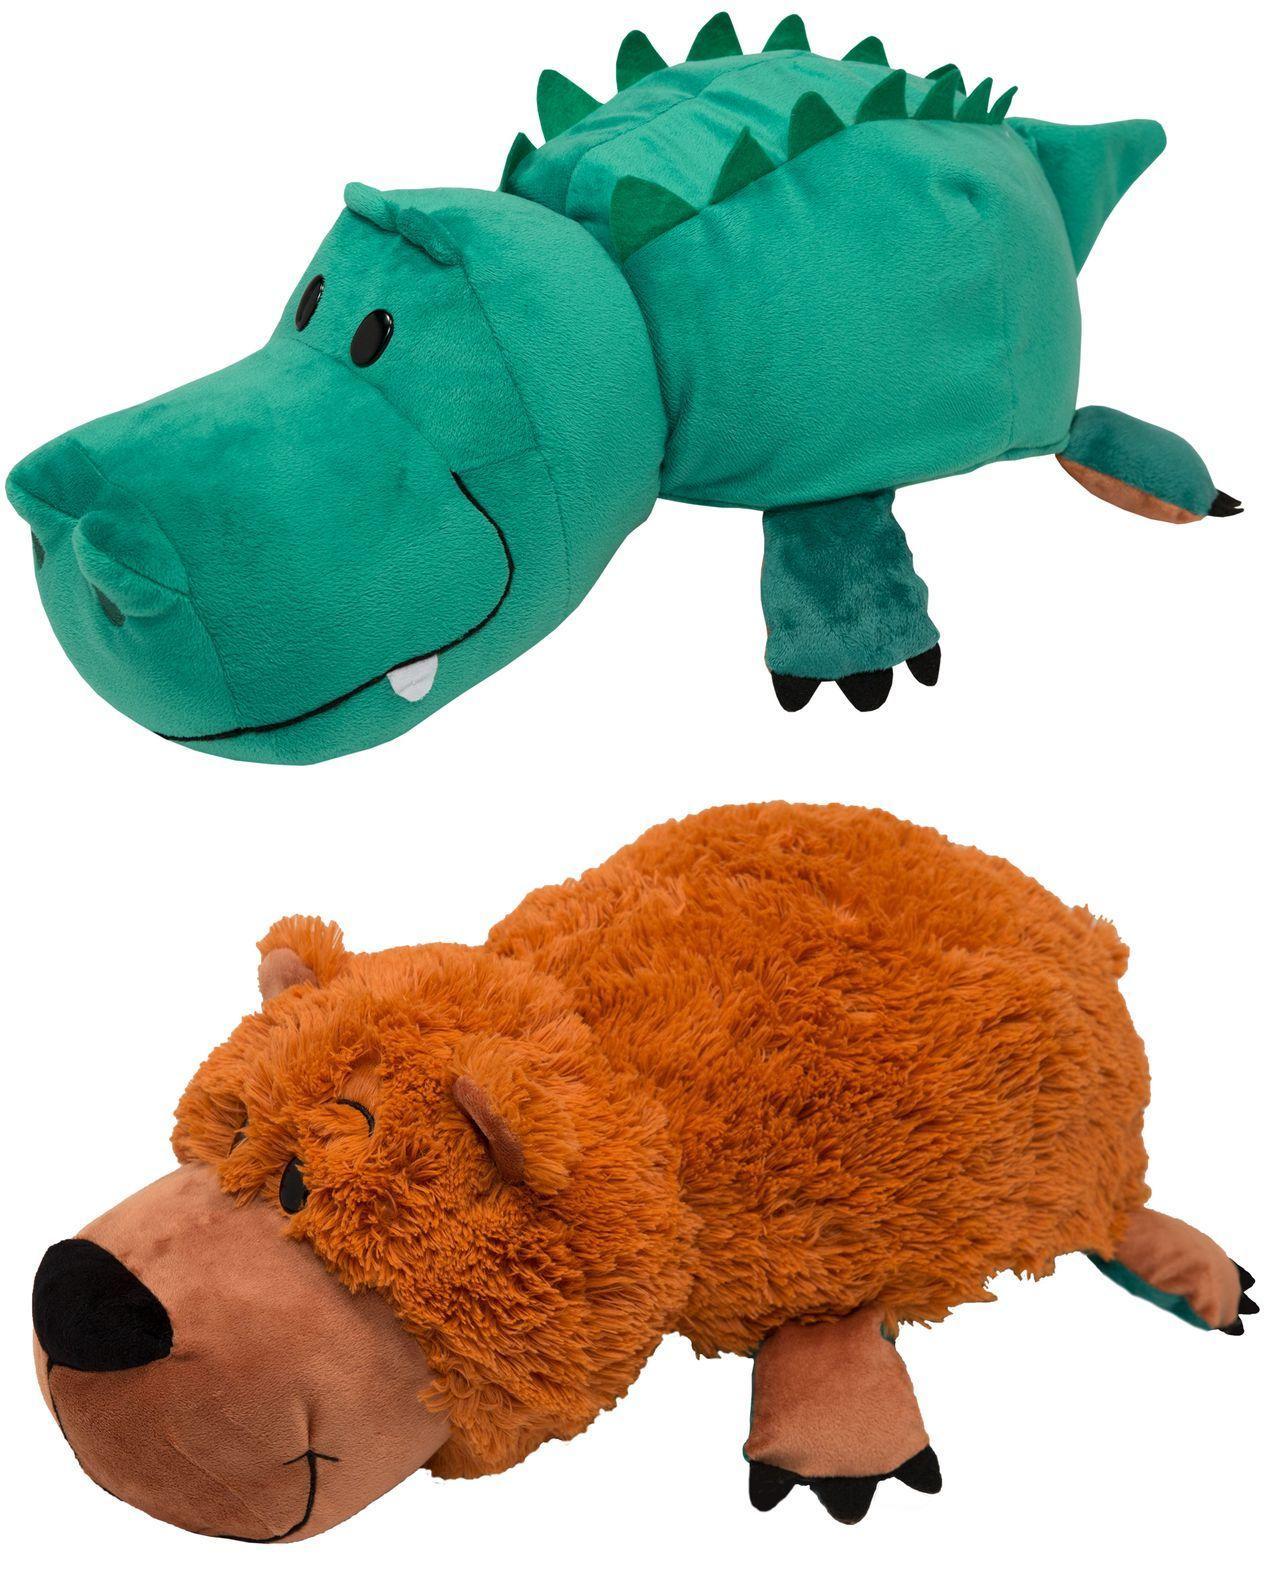 Купить 1Toy Аллигатор - Медвежонок 20 см - мягкая игрушка-вывернушка, Вывернушки 1Toy, Китай